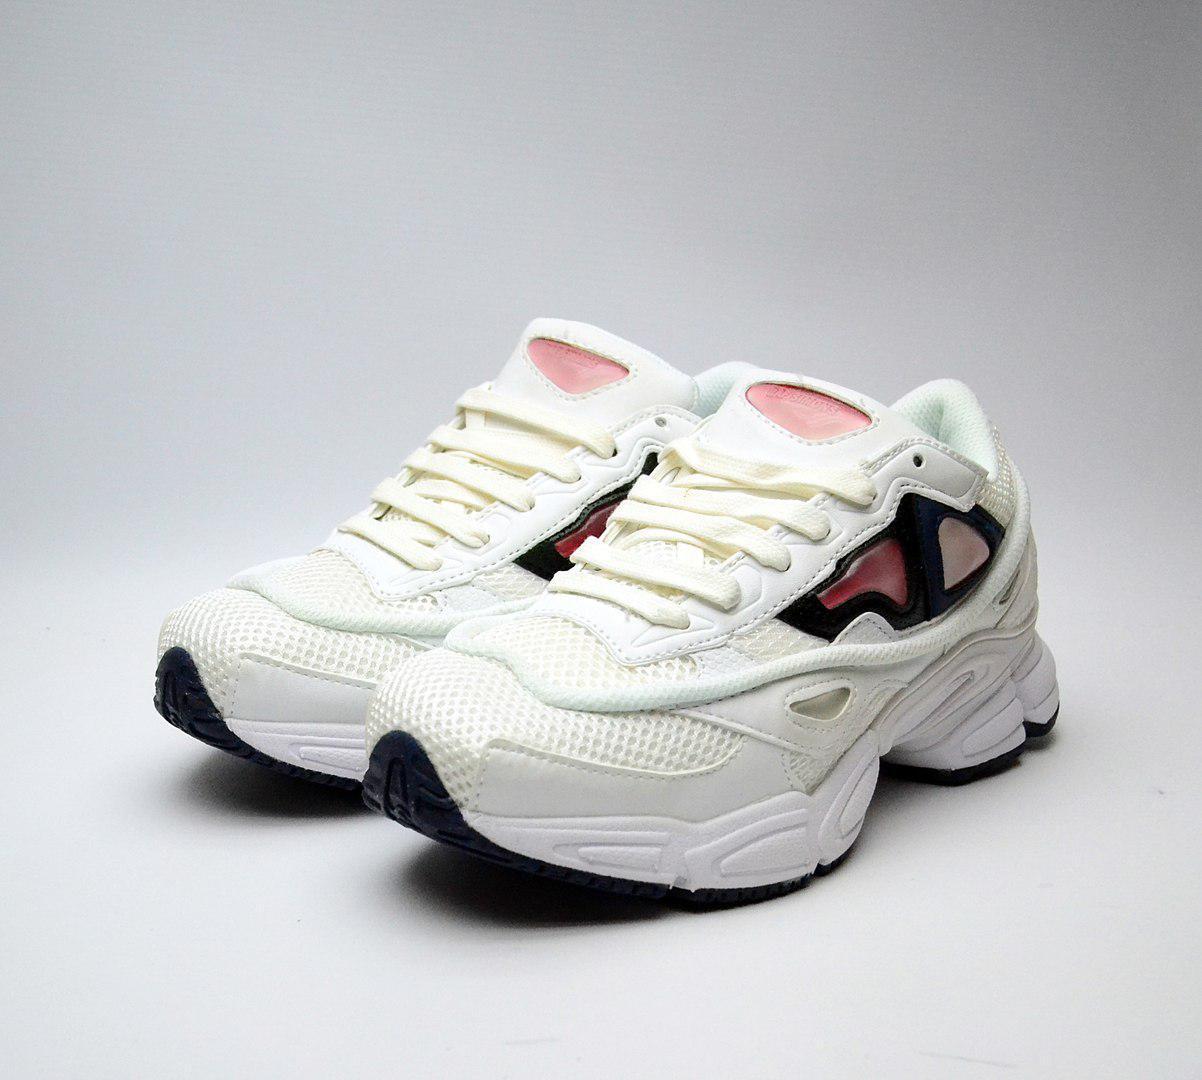 Adidas x Raf Simons Ozweego II White (реплика)